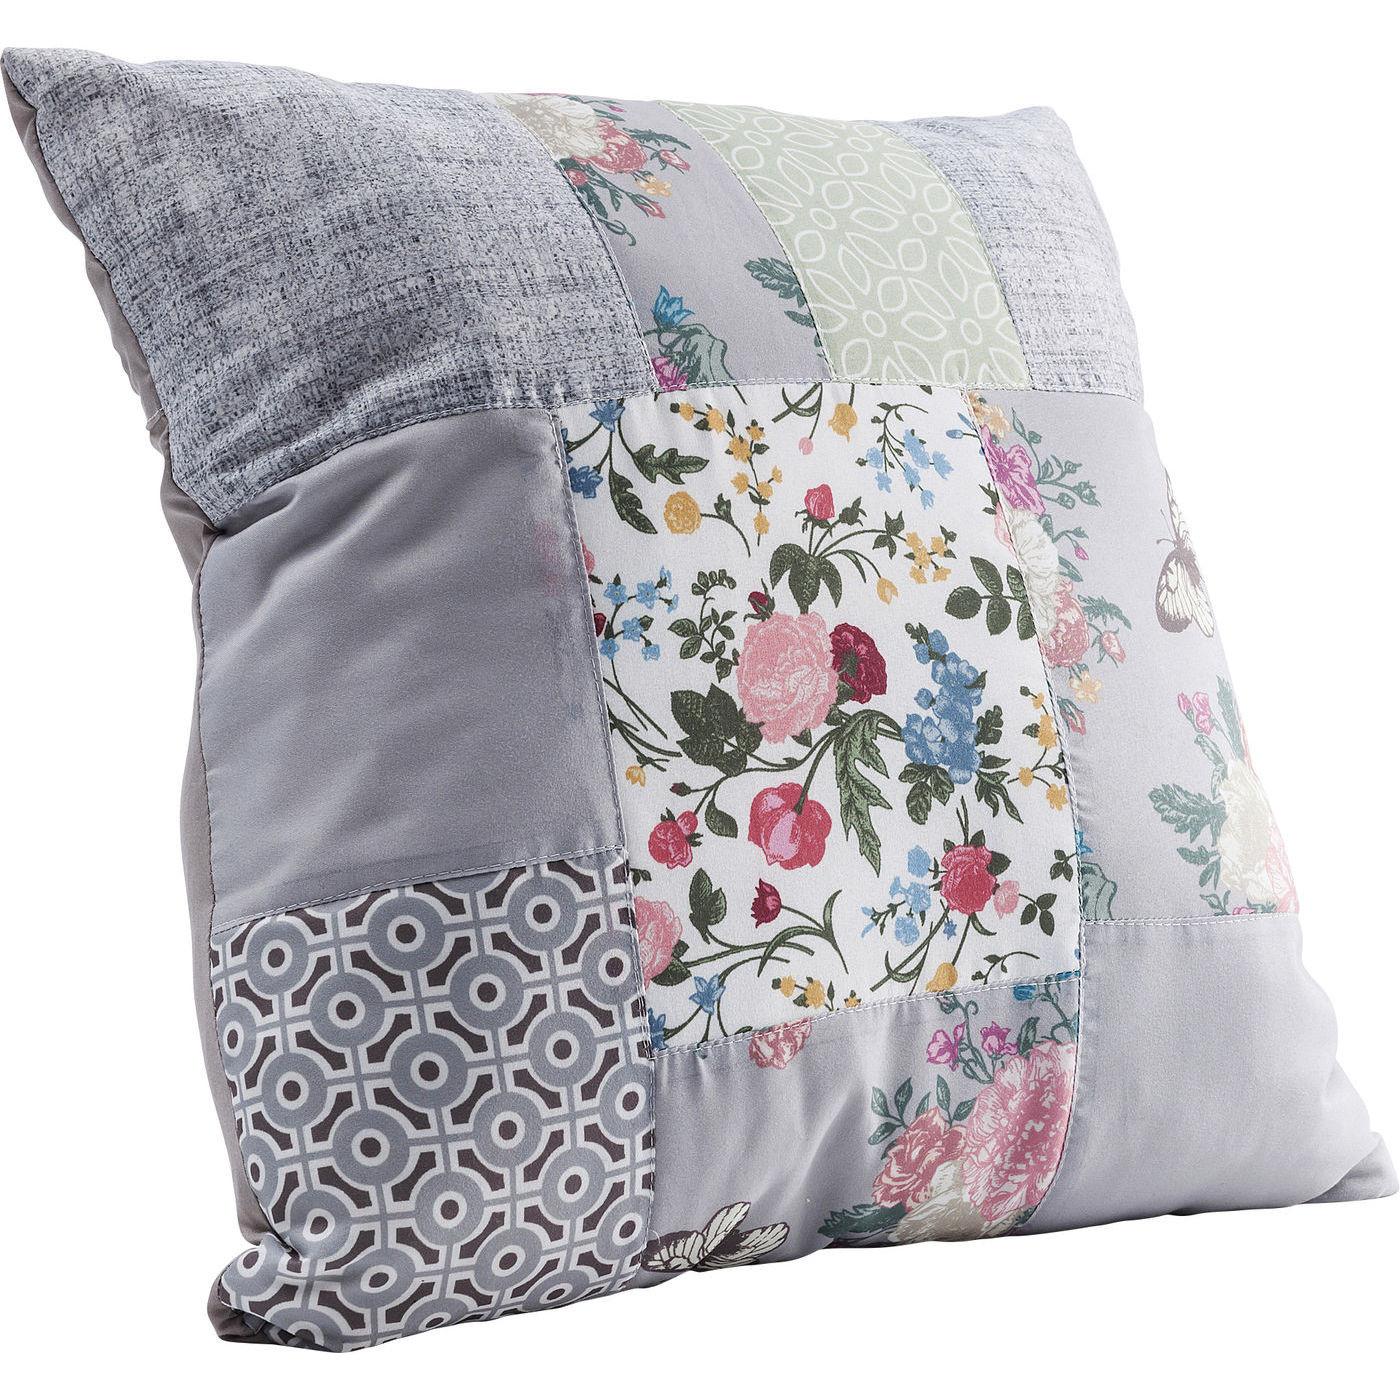 kissen patchwork powder 45x45cm kare design mutoni m bel. Black Bedroom Furniture Sets. Home Design Ideas